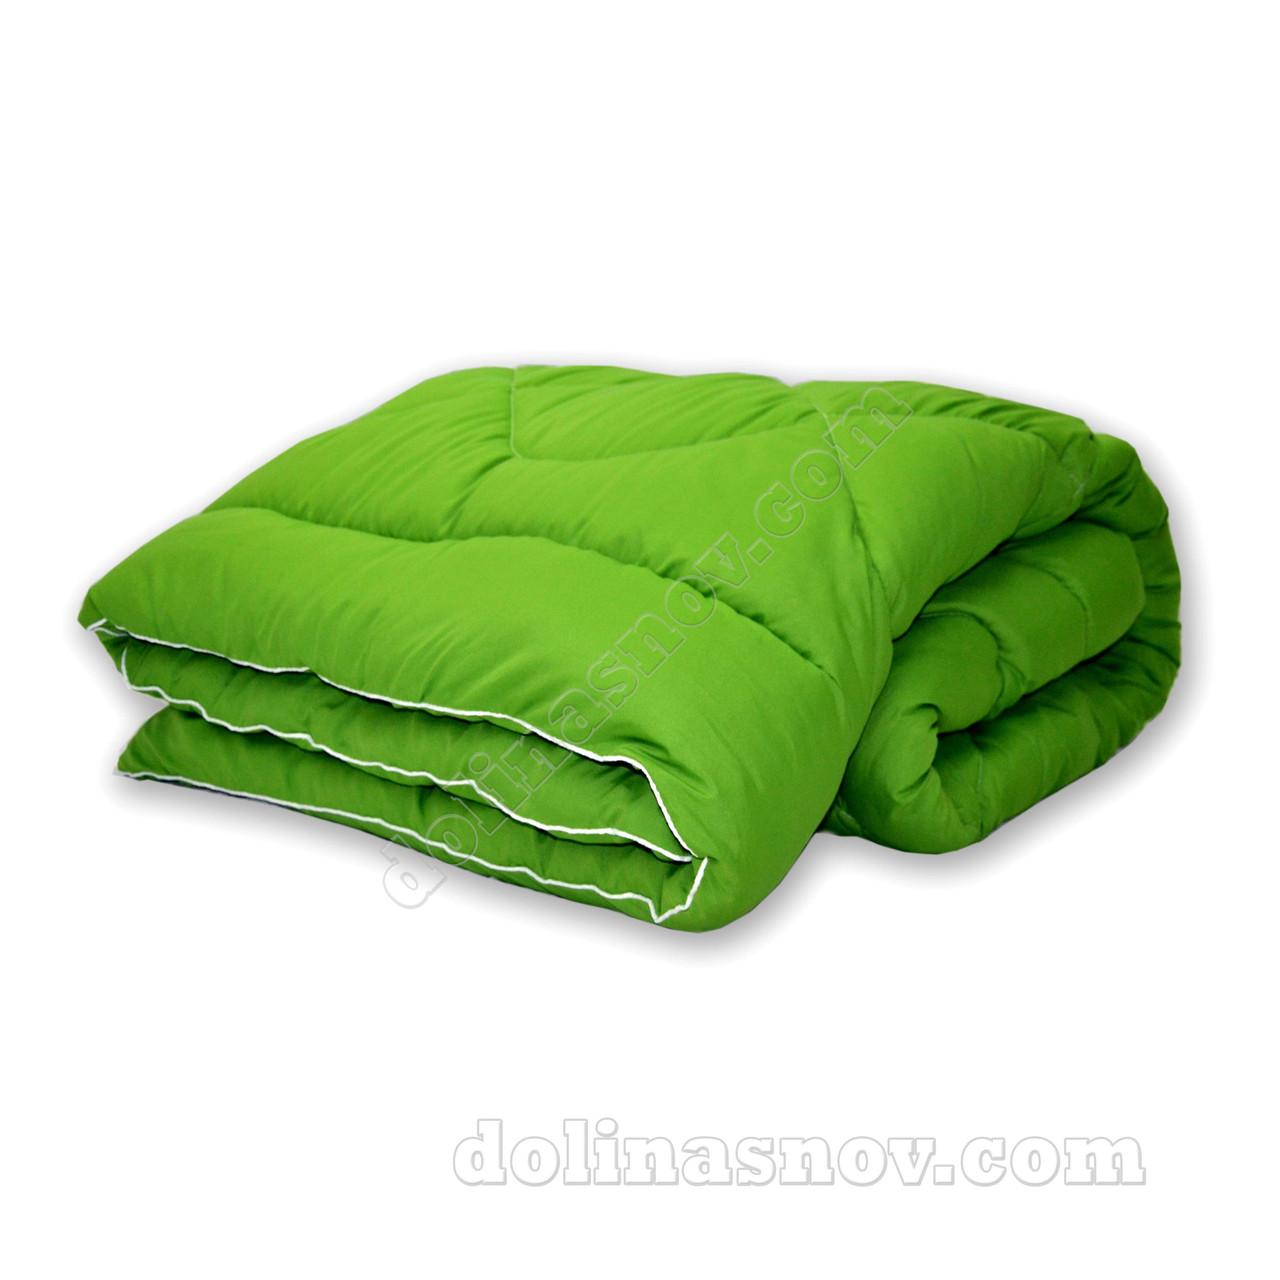 Одеяло из овечьей шерсти в микрофибре 140x205 см